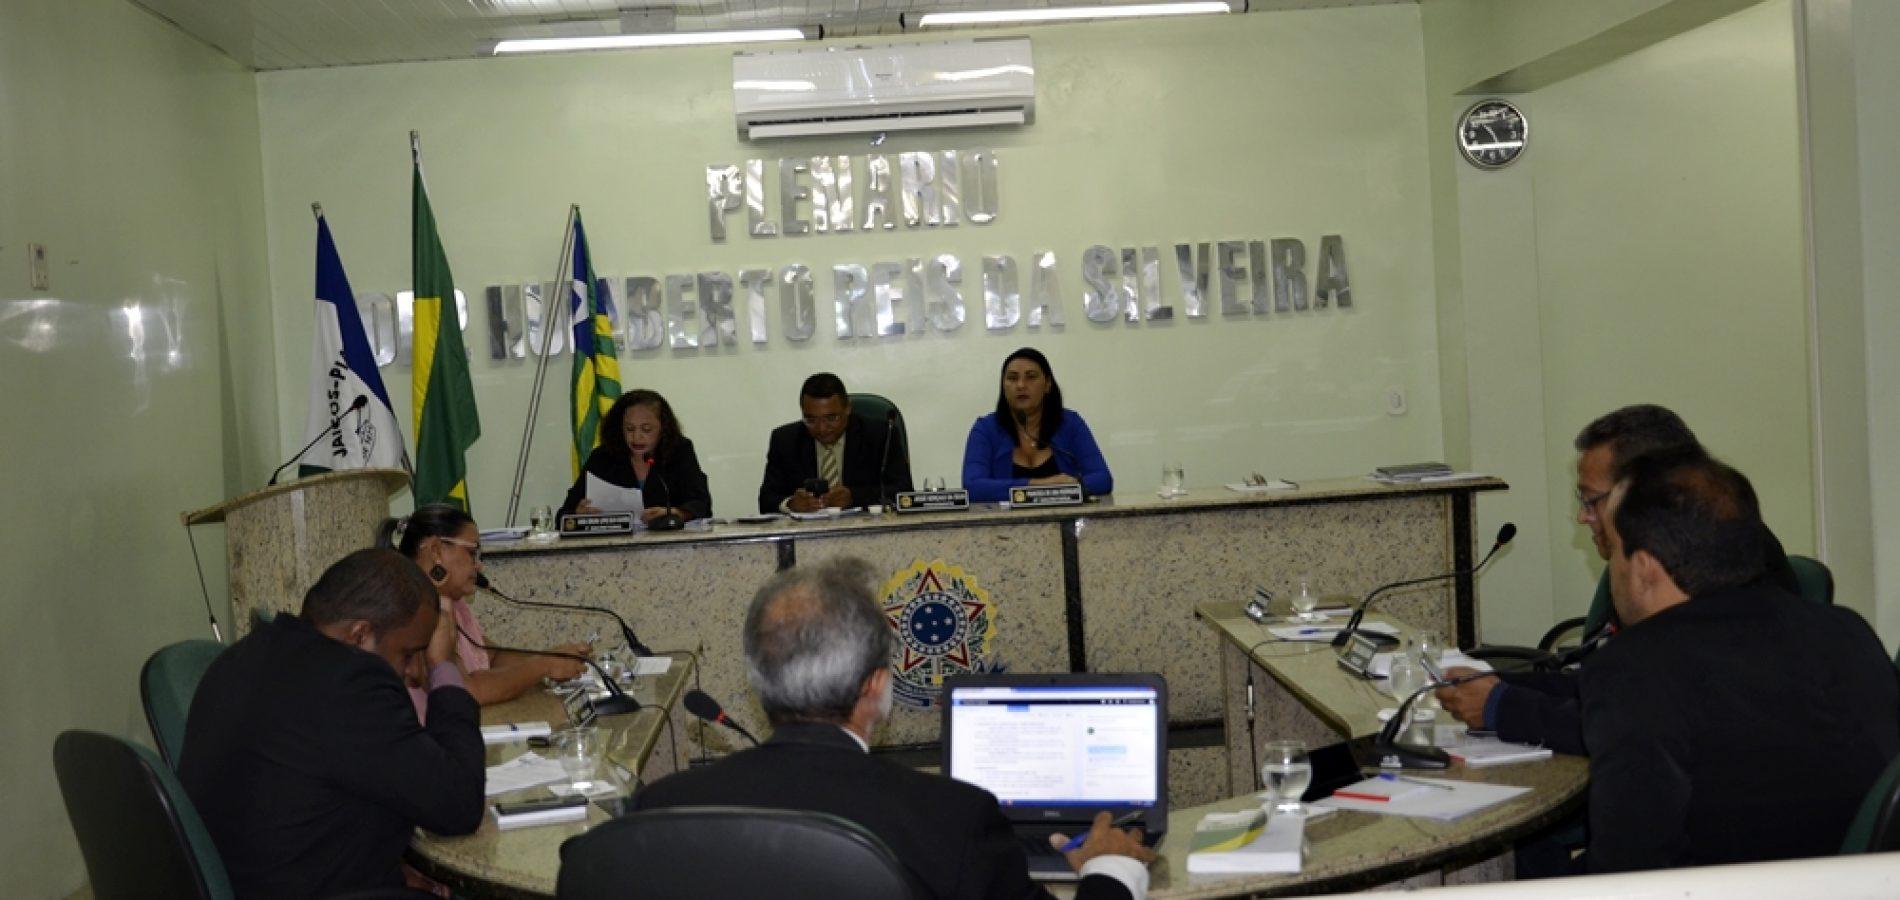 Câmara Municipal de Jaicós aprova cinco Requerimentos; veja o que foi reivindicado pelos vereadores